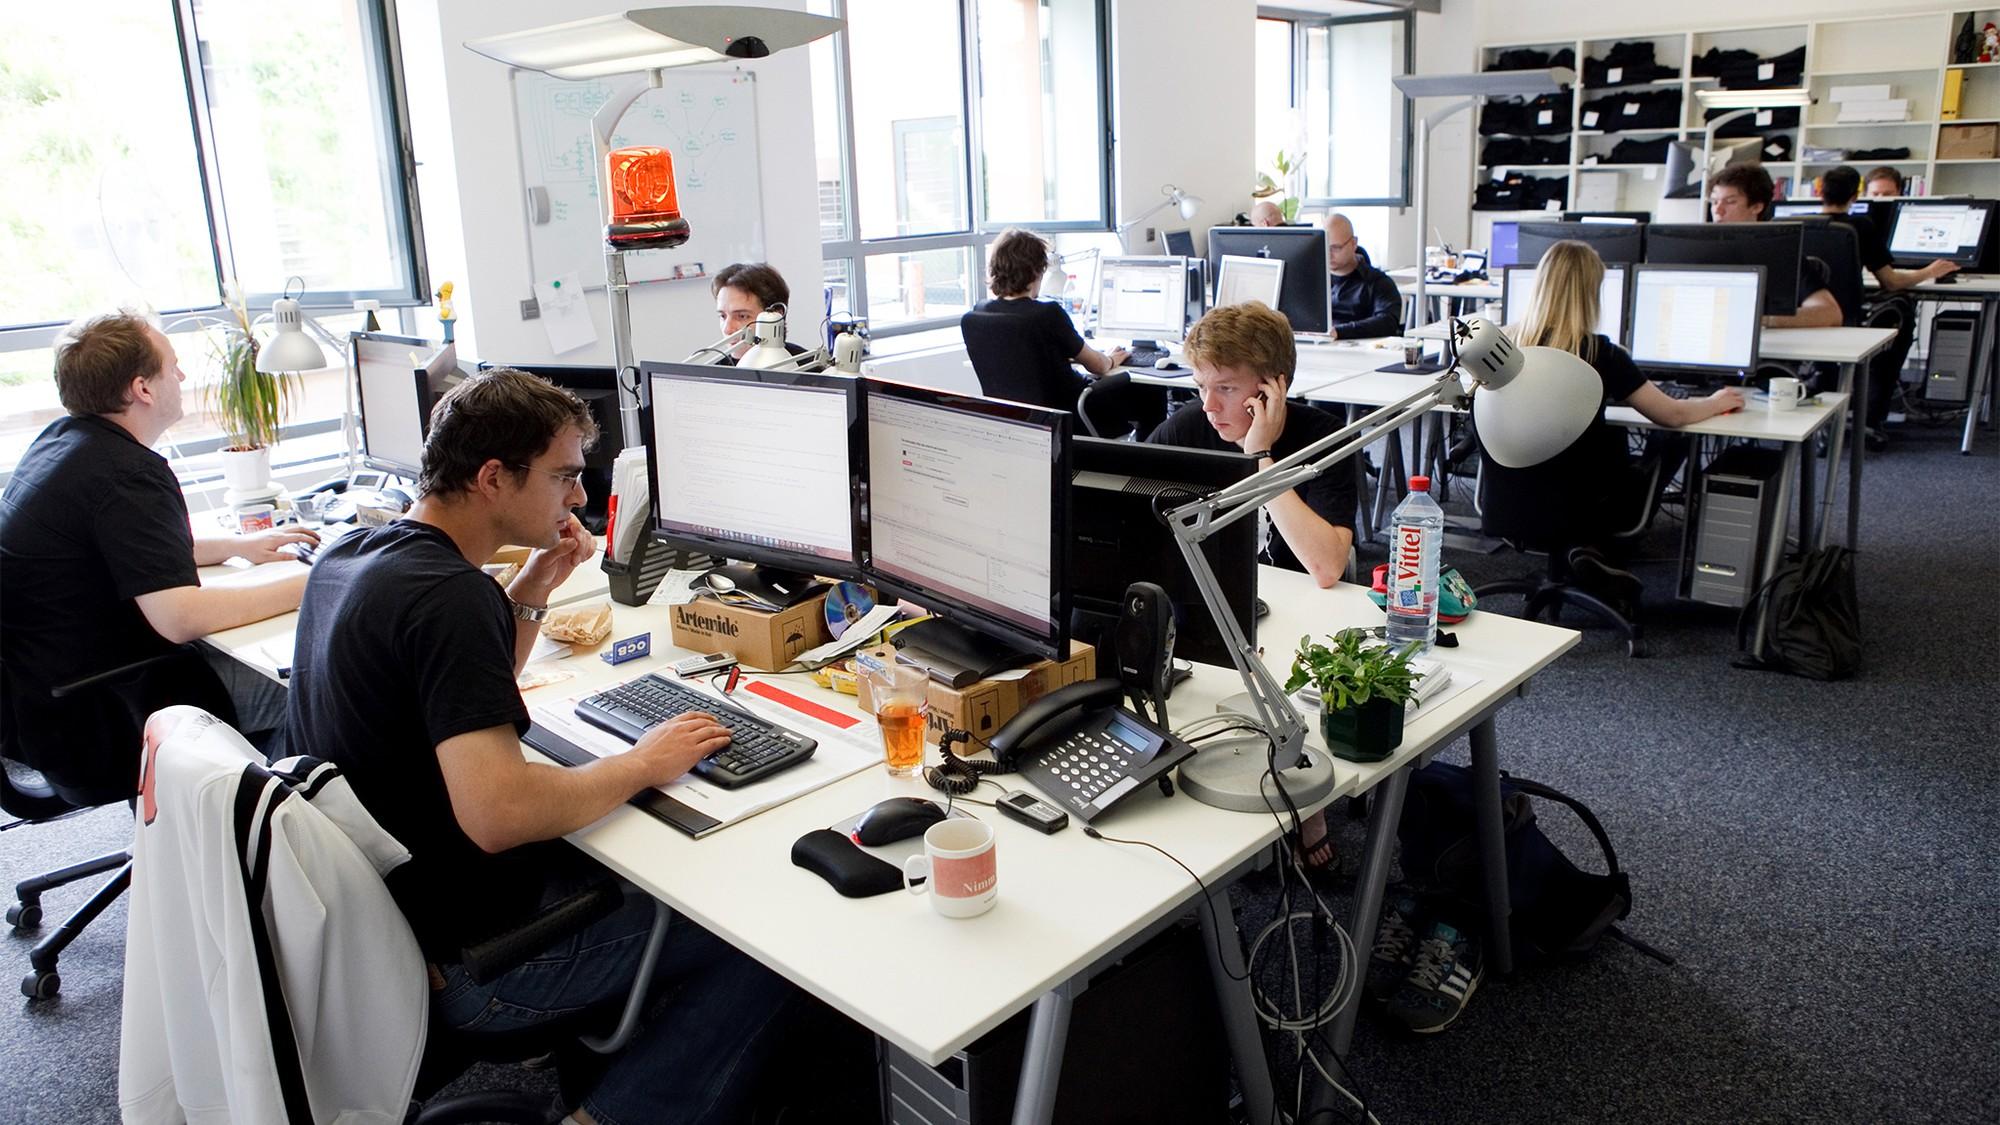 Ngồi im một chỗ tới 7 - 8 tiếng/ngày khiến dân văn phòng có nguy cơ cao gặp phải căn bệnh khó nói này - Ảnh 3.